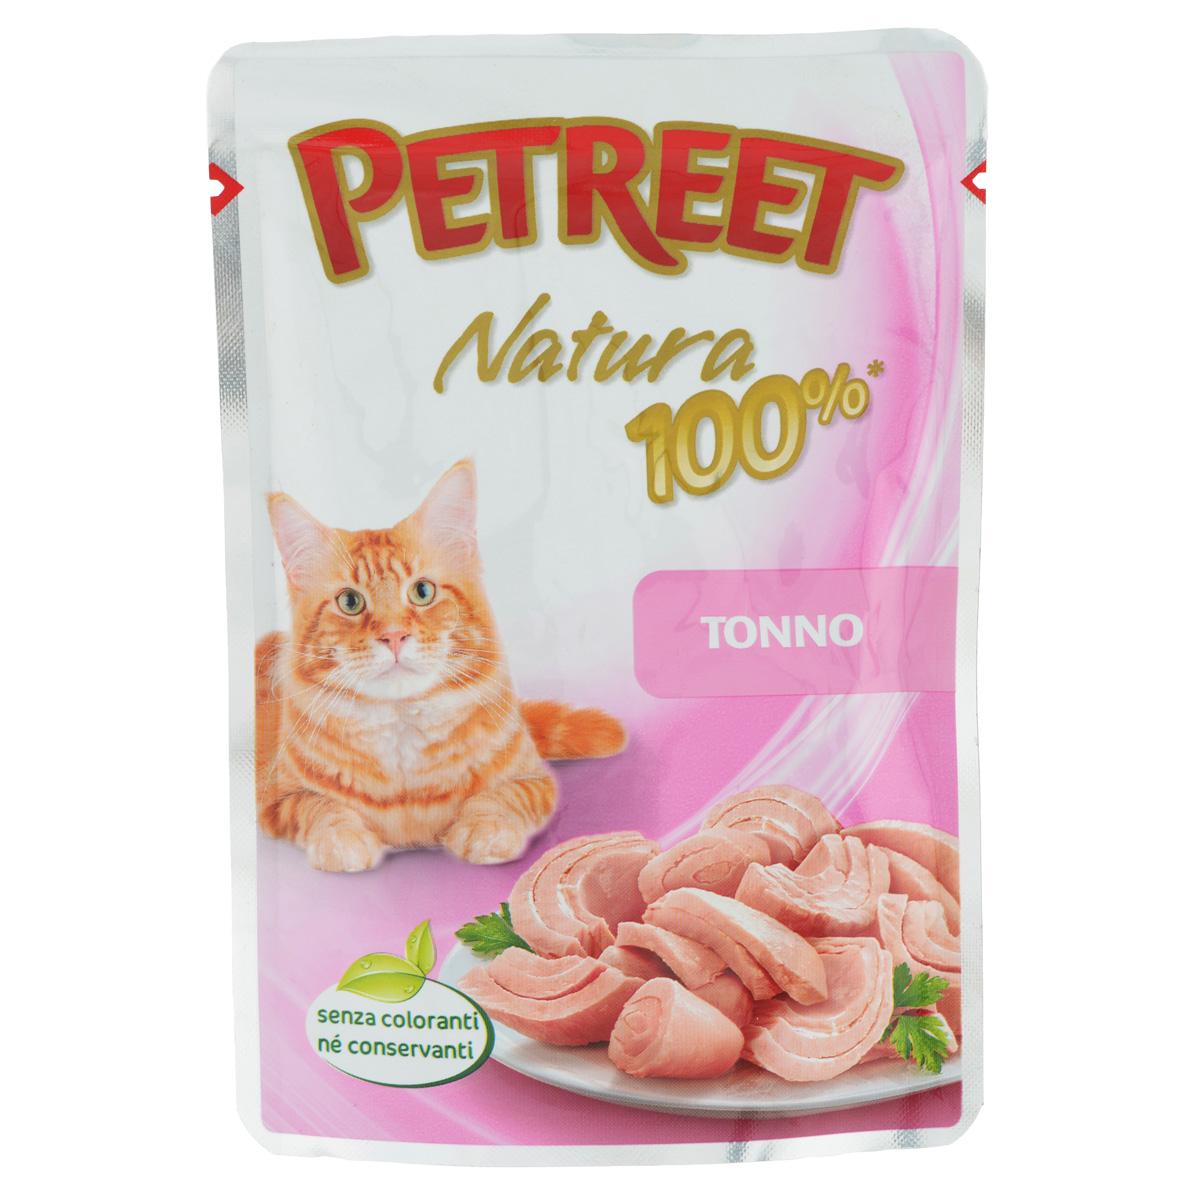 Консервы для кошек Petreet, с тунцом, 85 гА55000Консервы для кошек Petreet - это линейка кормов, в которых содержится белок только животного происхождения. Это помогает защитить вашу кошку от пищевой аллергии, тем самым обеспечивая ее полезное и вкусное питание. Консервы для кошек Petreet специально разработаны без добавления консервантов, красителей и усилителей вкуса. Характеристики: Состав: тунец (60%), рисовая мука (1%), модифицированный крахмал. Пищевая ценность: белки - 13%, влажность - 83%, масла - 0,5%, клетчатка - 0,5%, зола - 1 %. Вес: 85 г. Товар сертифицирован.